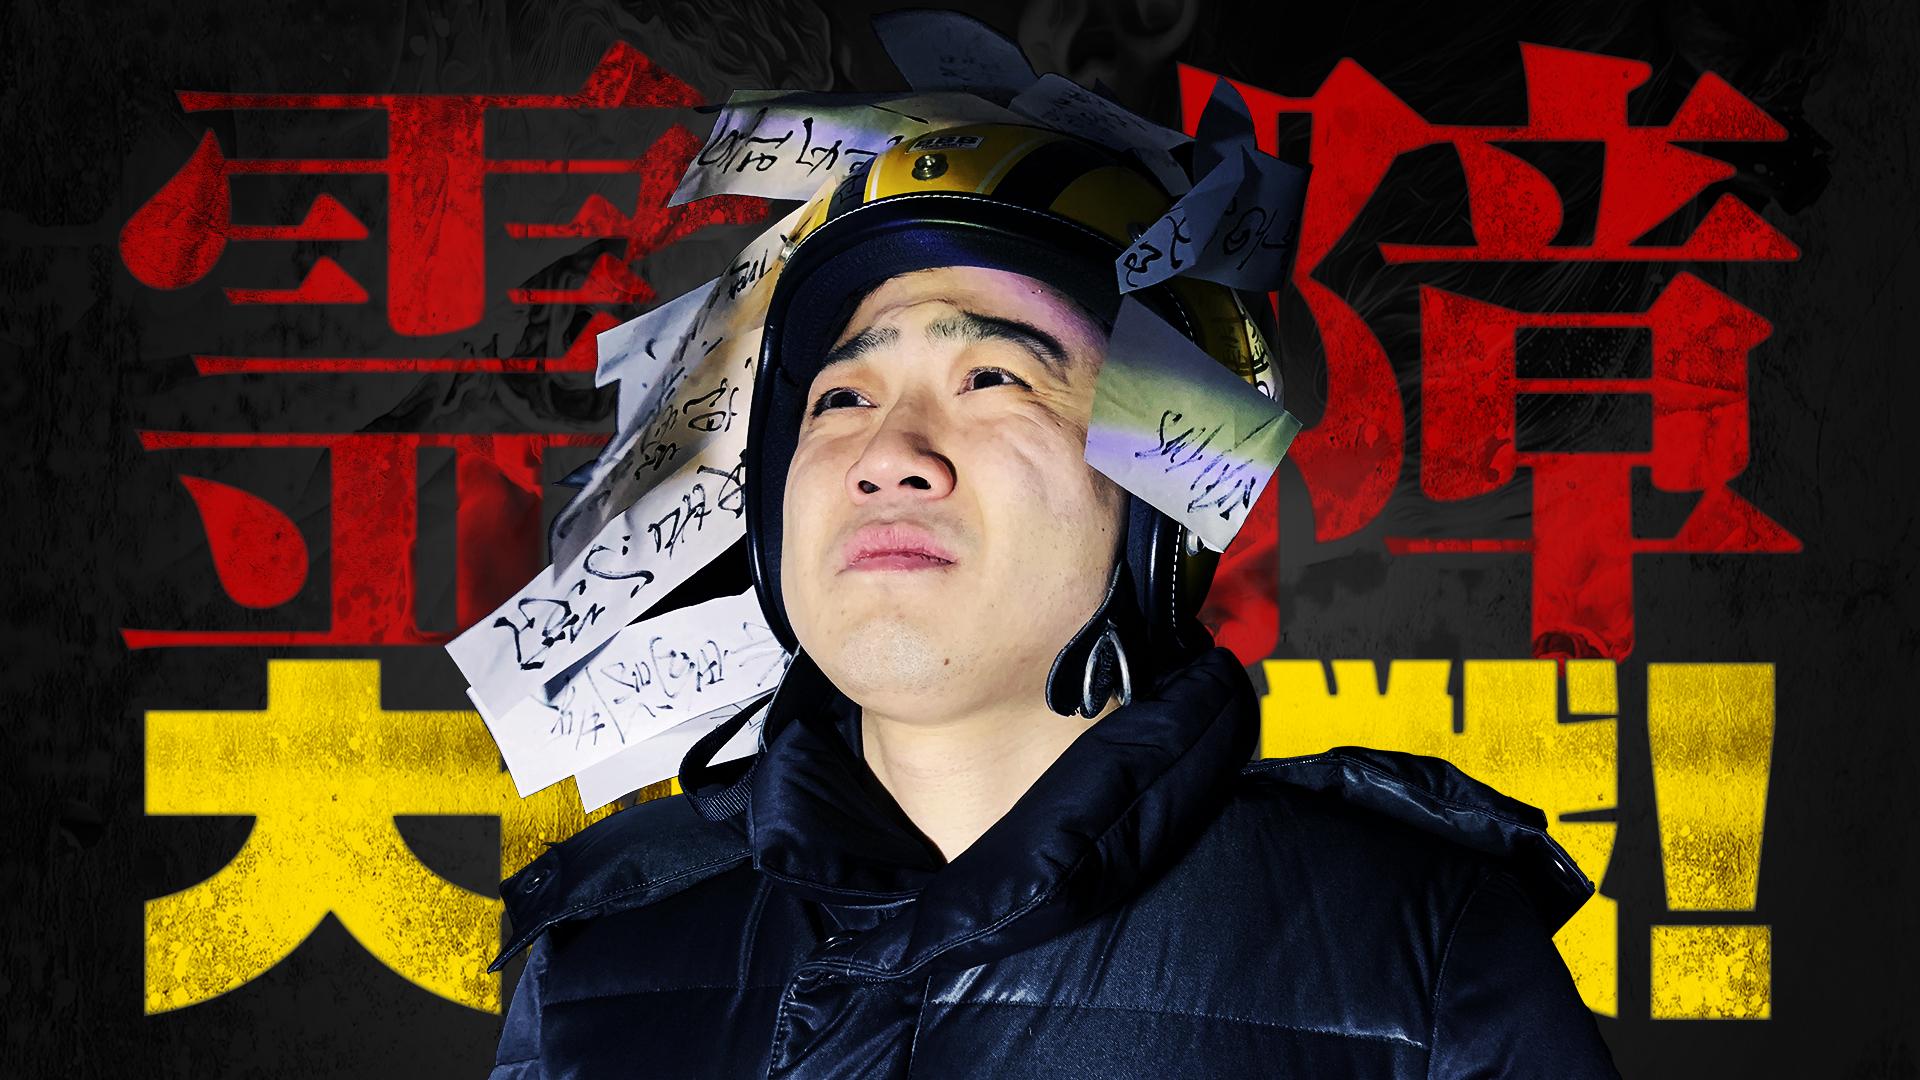 ゾゾゾ最新作「そろそろ呪われたい!番組の名誉を懸けた落合霊障大作戦!」4/12(金)に配信決定!